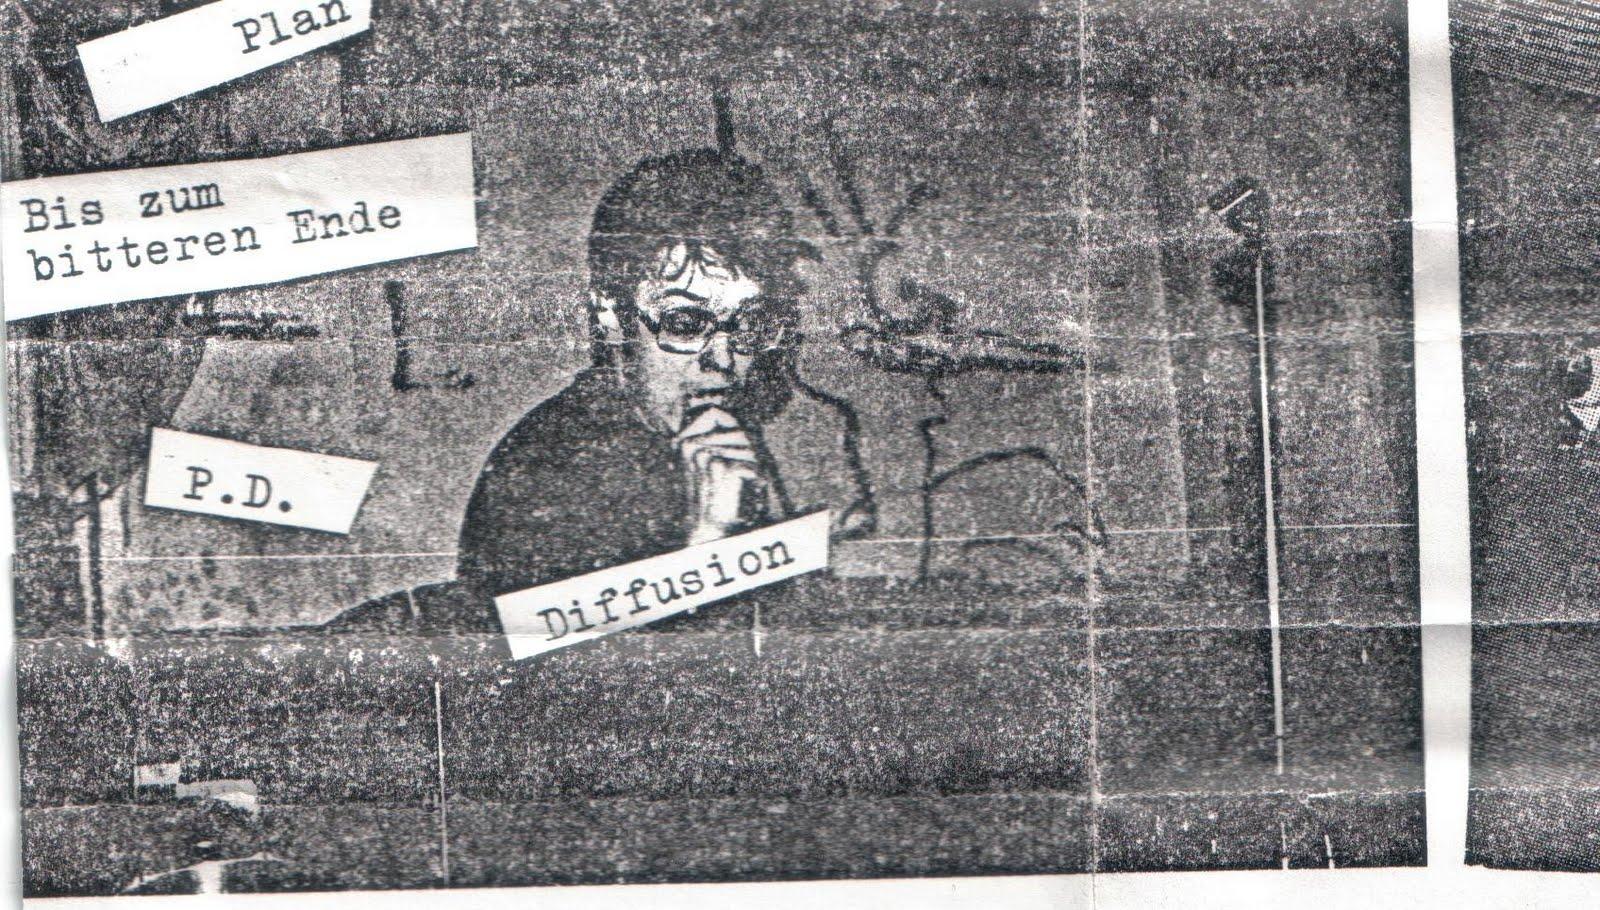 Die profis 1990 - 2 3